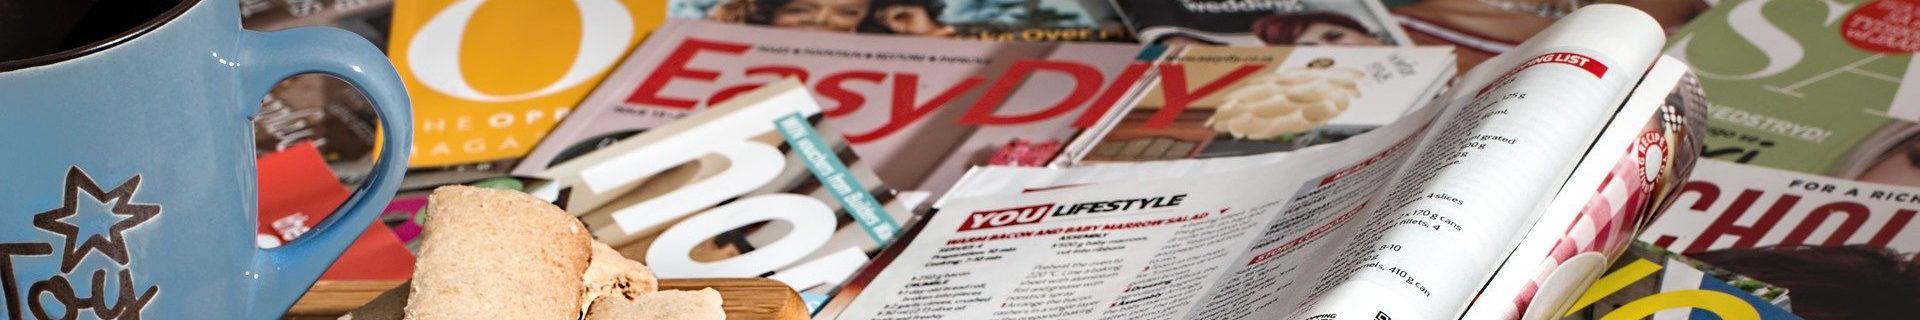 magazines en vrac